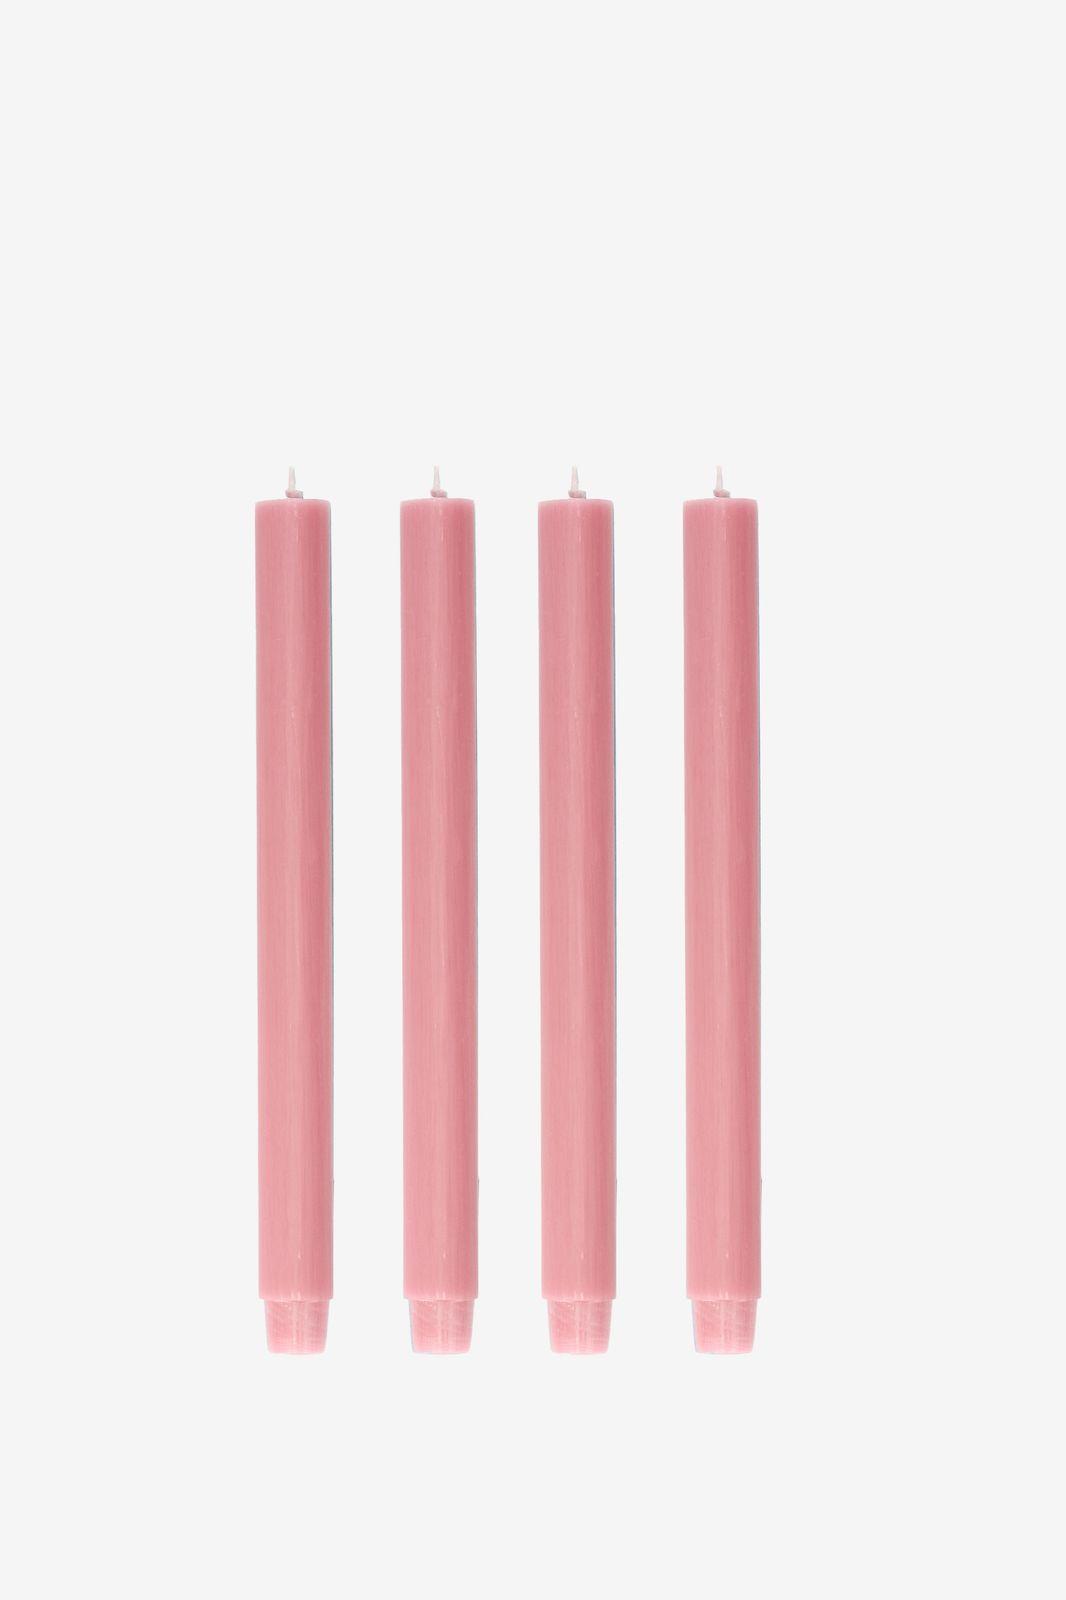 Dinerkaars antiek roze Ø 2,6 cm - Homeland | Sissy-Boy